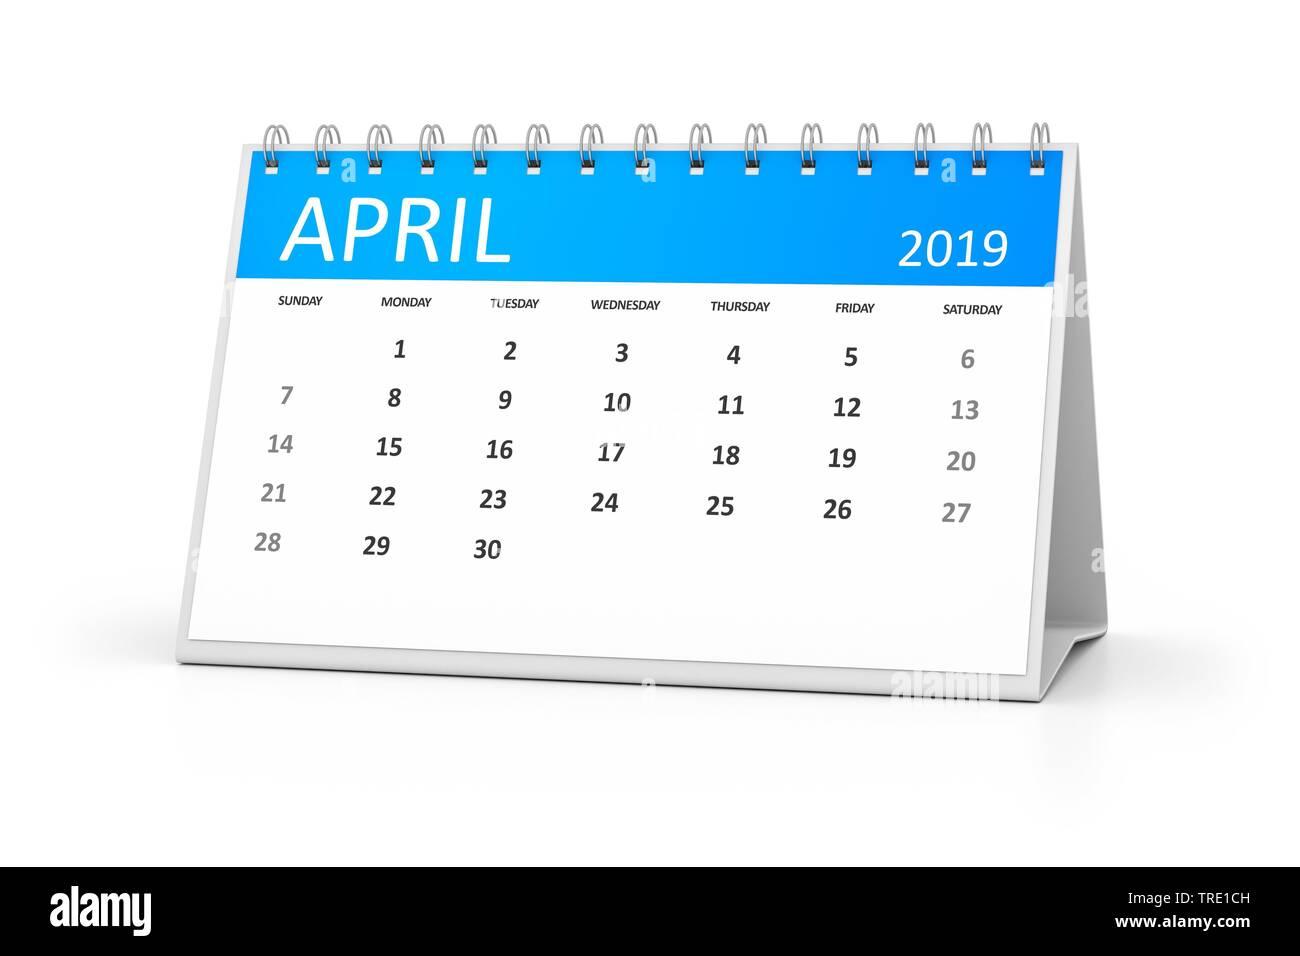 Kalenderblatt fuer den April 2019, Deutschland | a table calendar for your events 2019 april 3d illustration, Germany | BLWS514563.jpg [ (c) blickwink - Stock Image